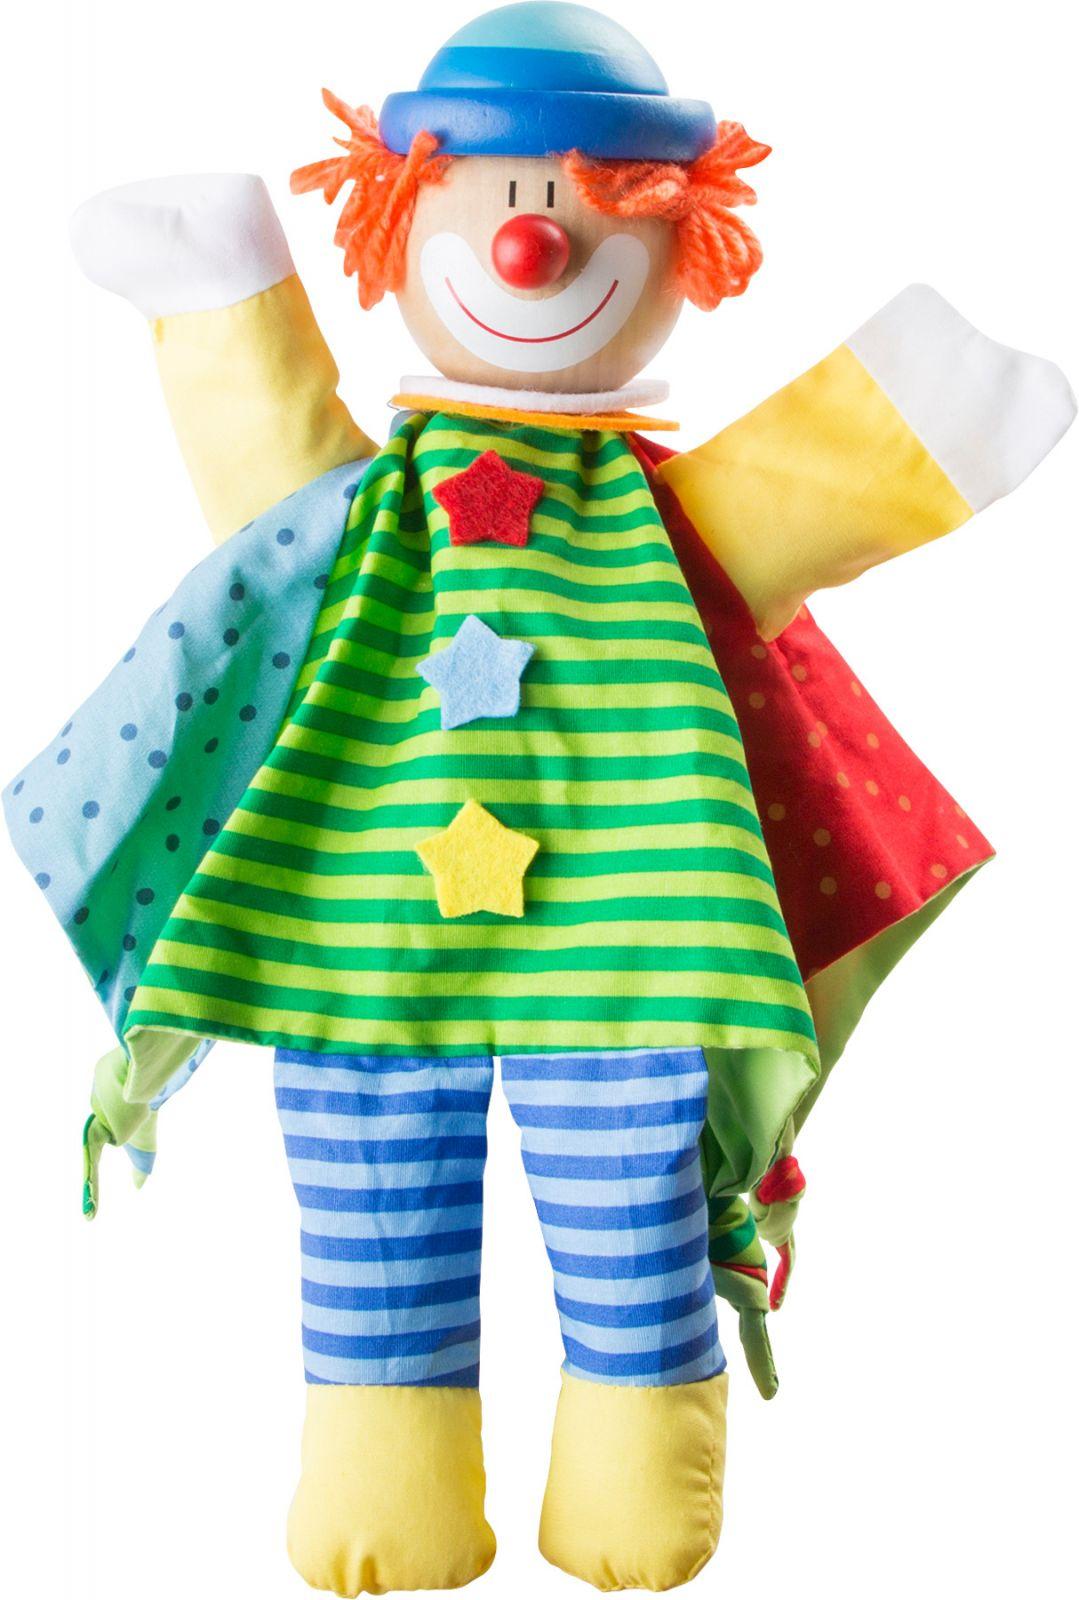 Dřevěné hračky Small Foot Dřevěná loutka maňásek klaun Small foot by Legler